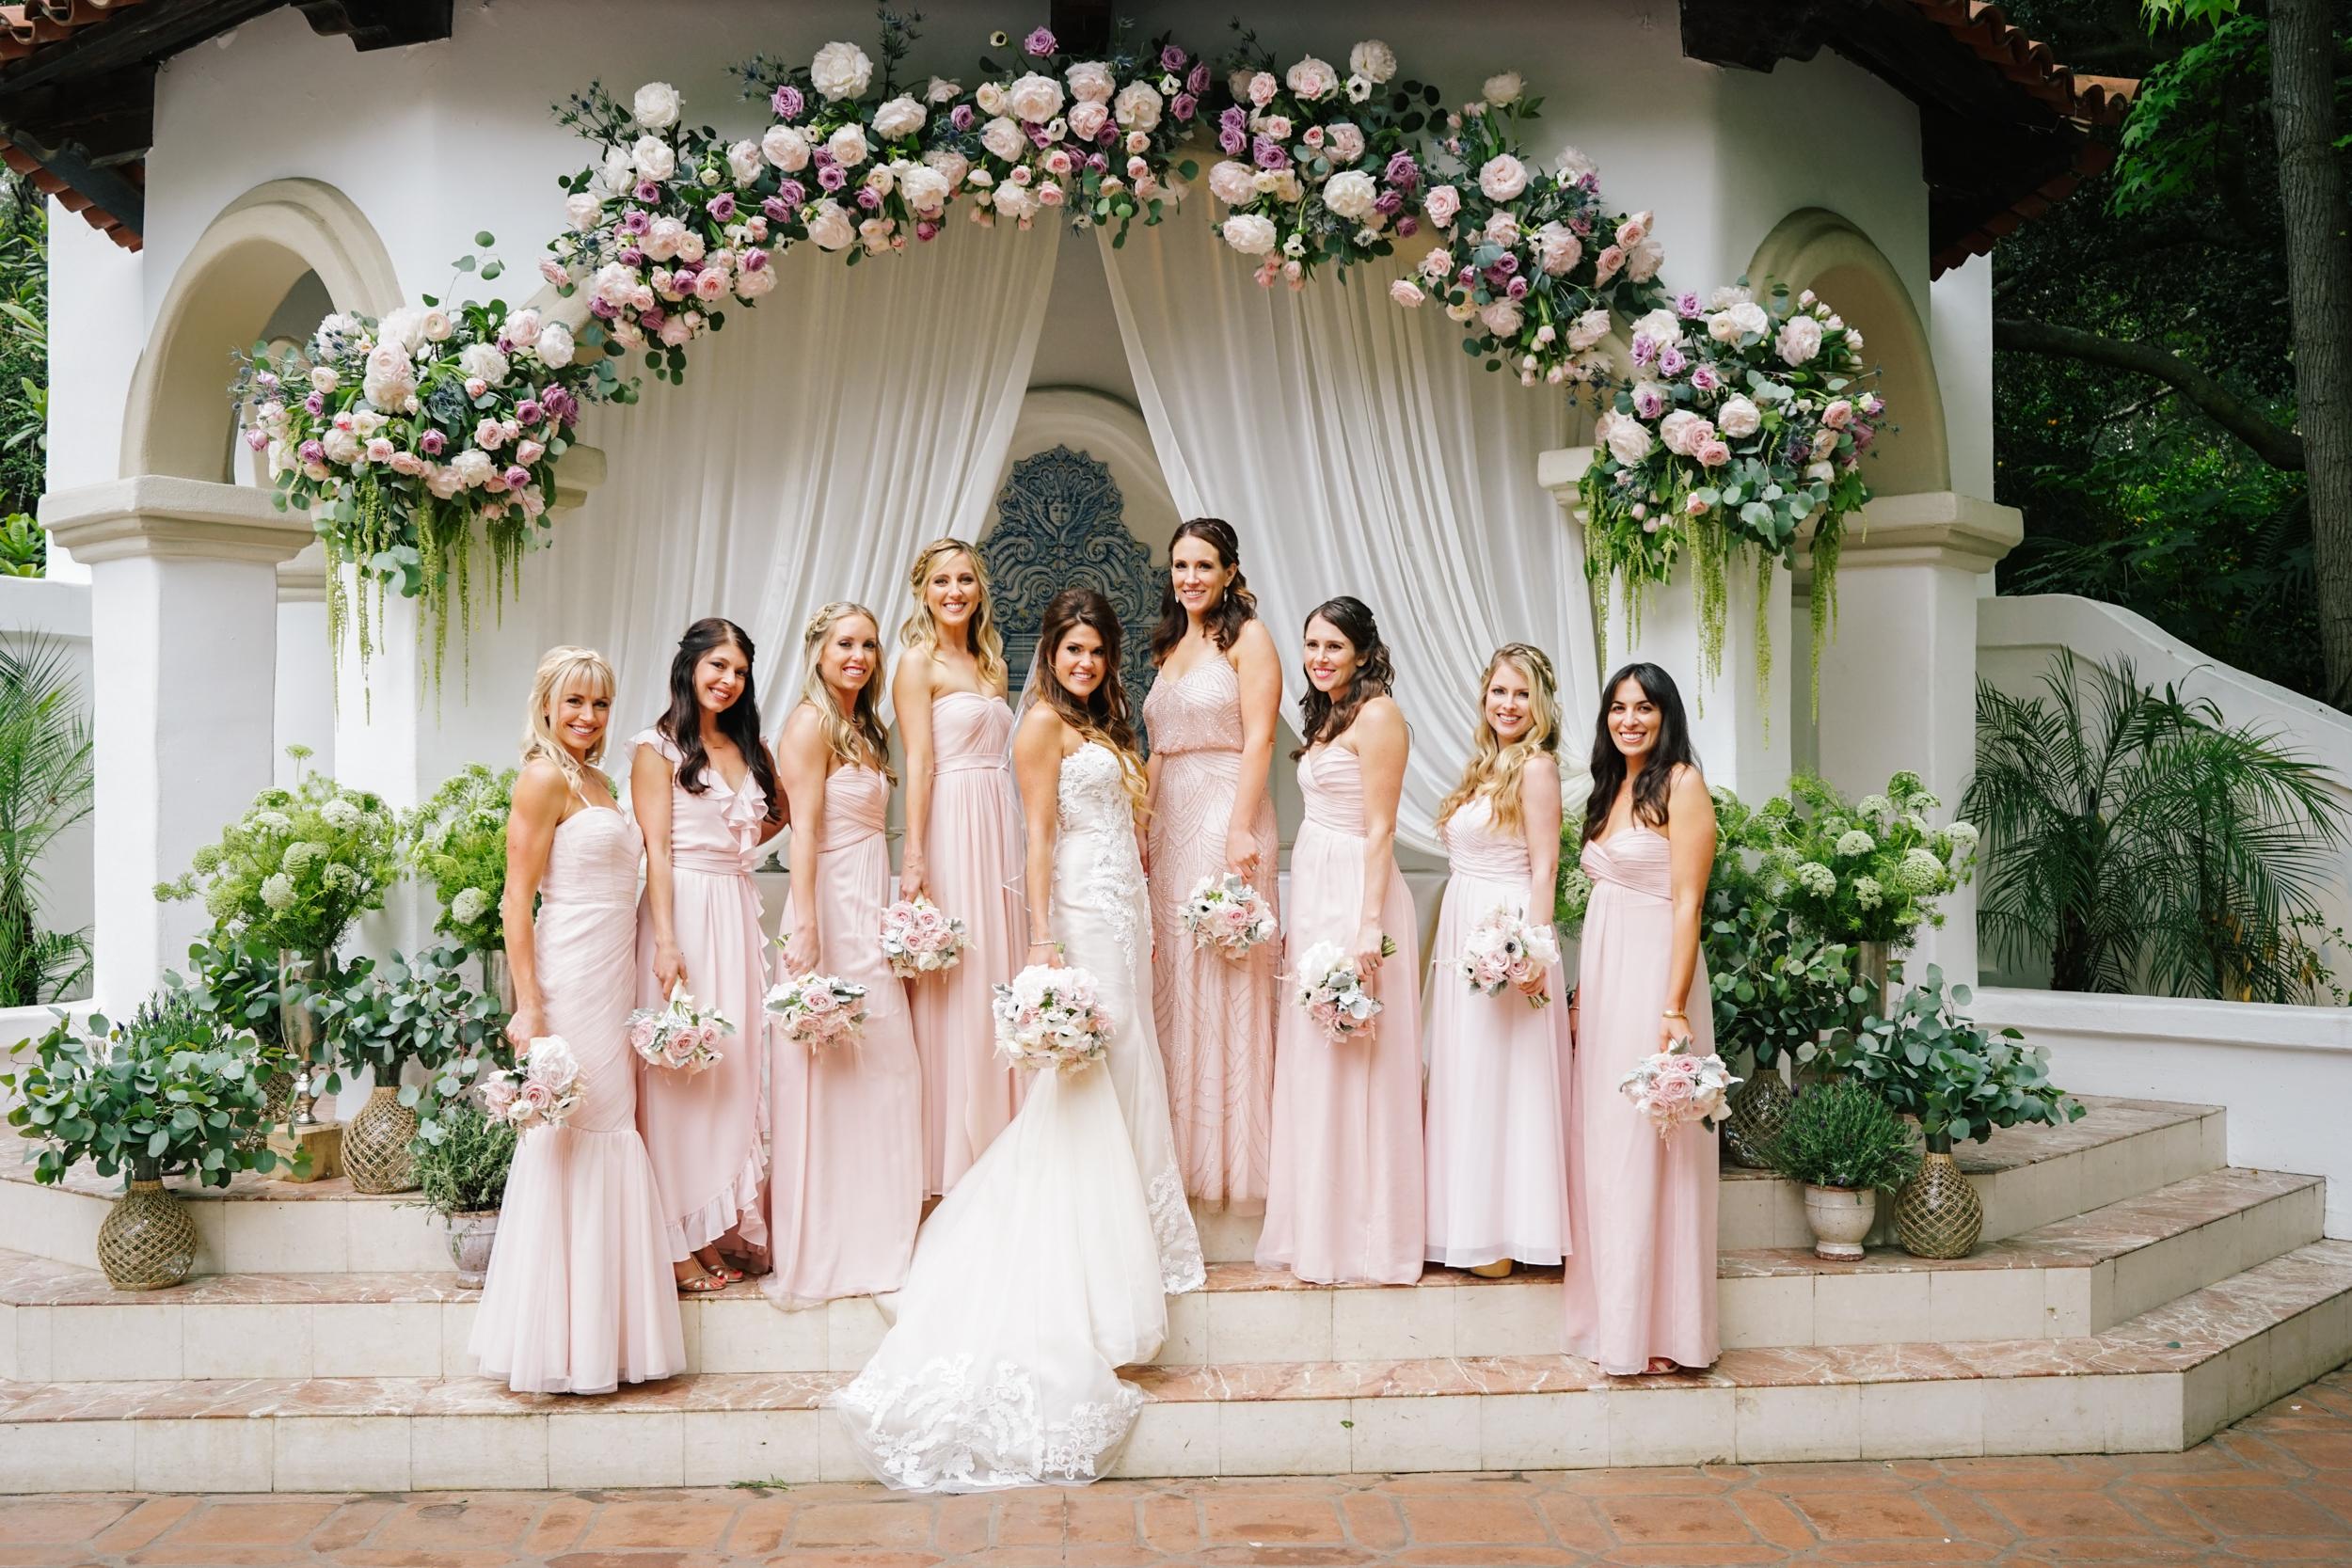 Rancho-Las-Lomas-Wedding-0020.JPG